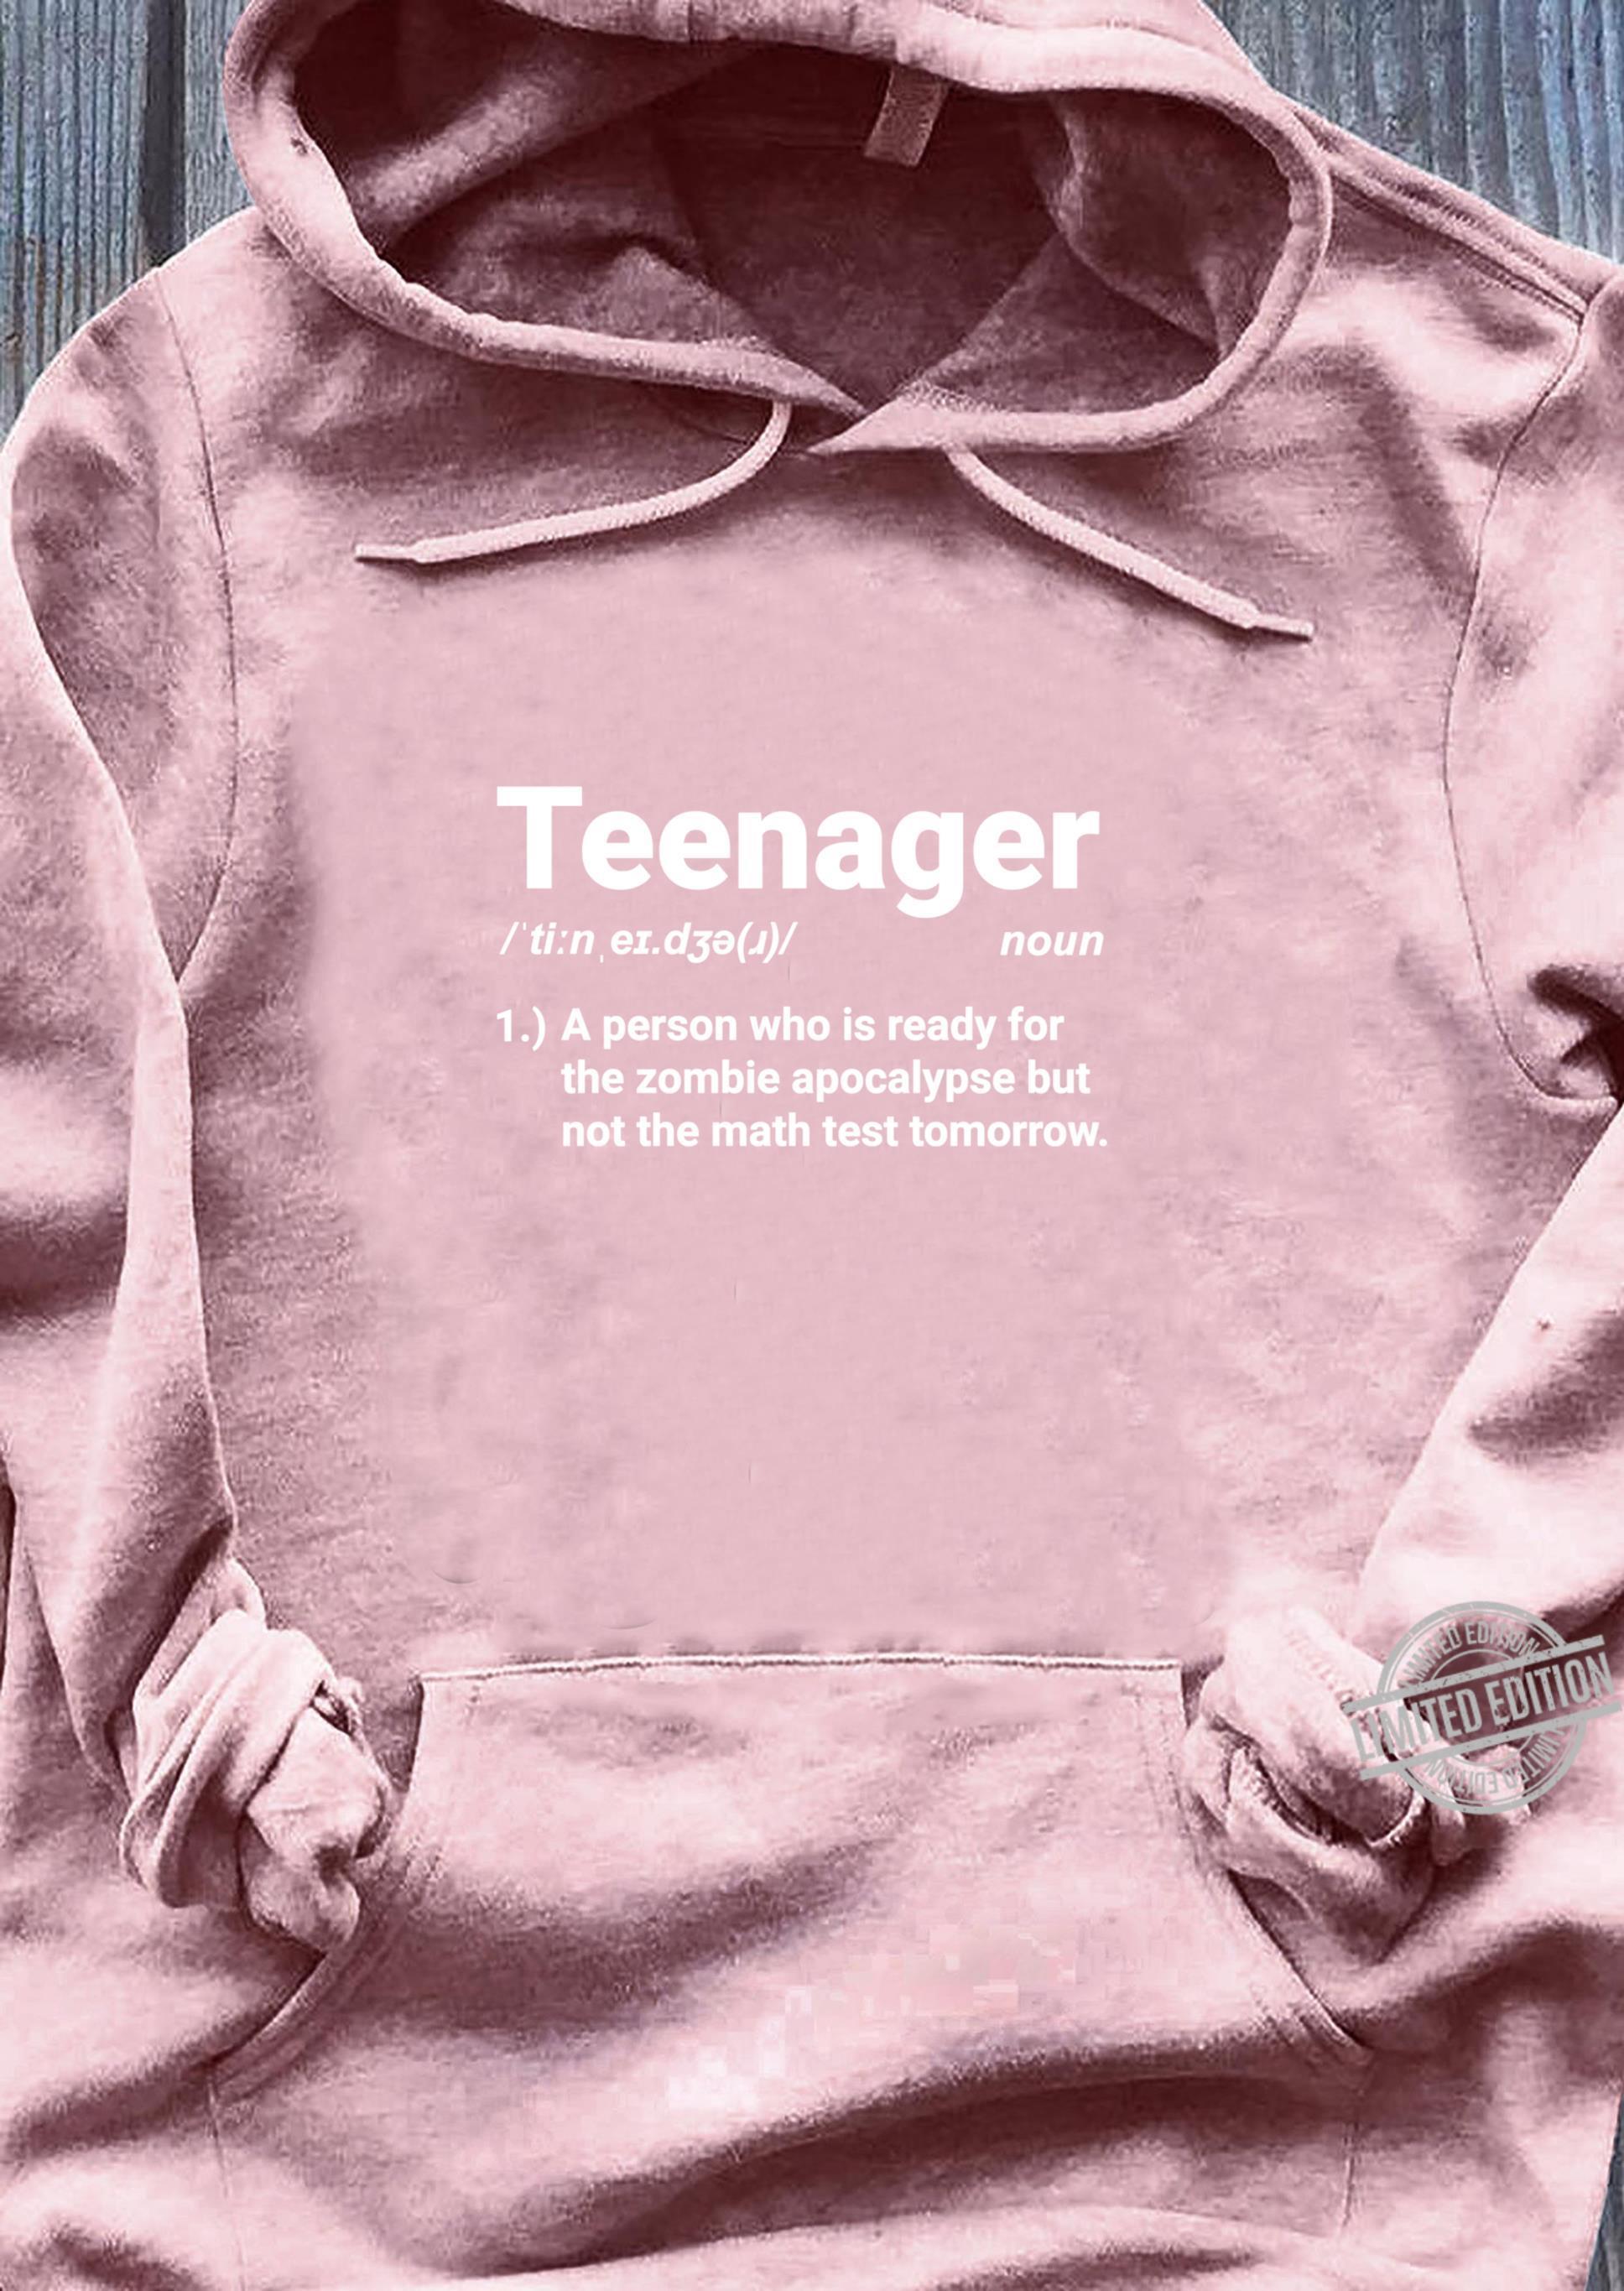 Teenager Definition Auf Zombies vorbereitet aber nicht Mathe Shirt sweater